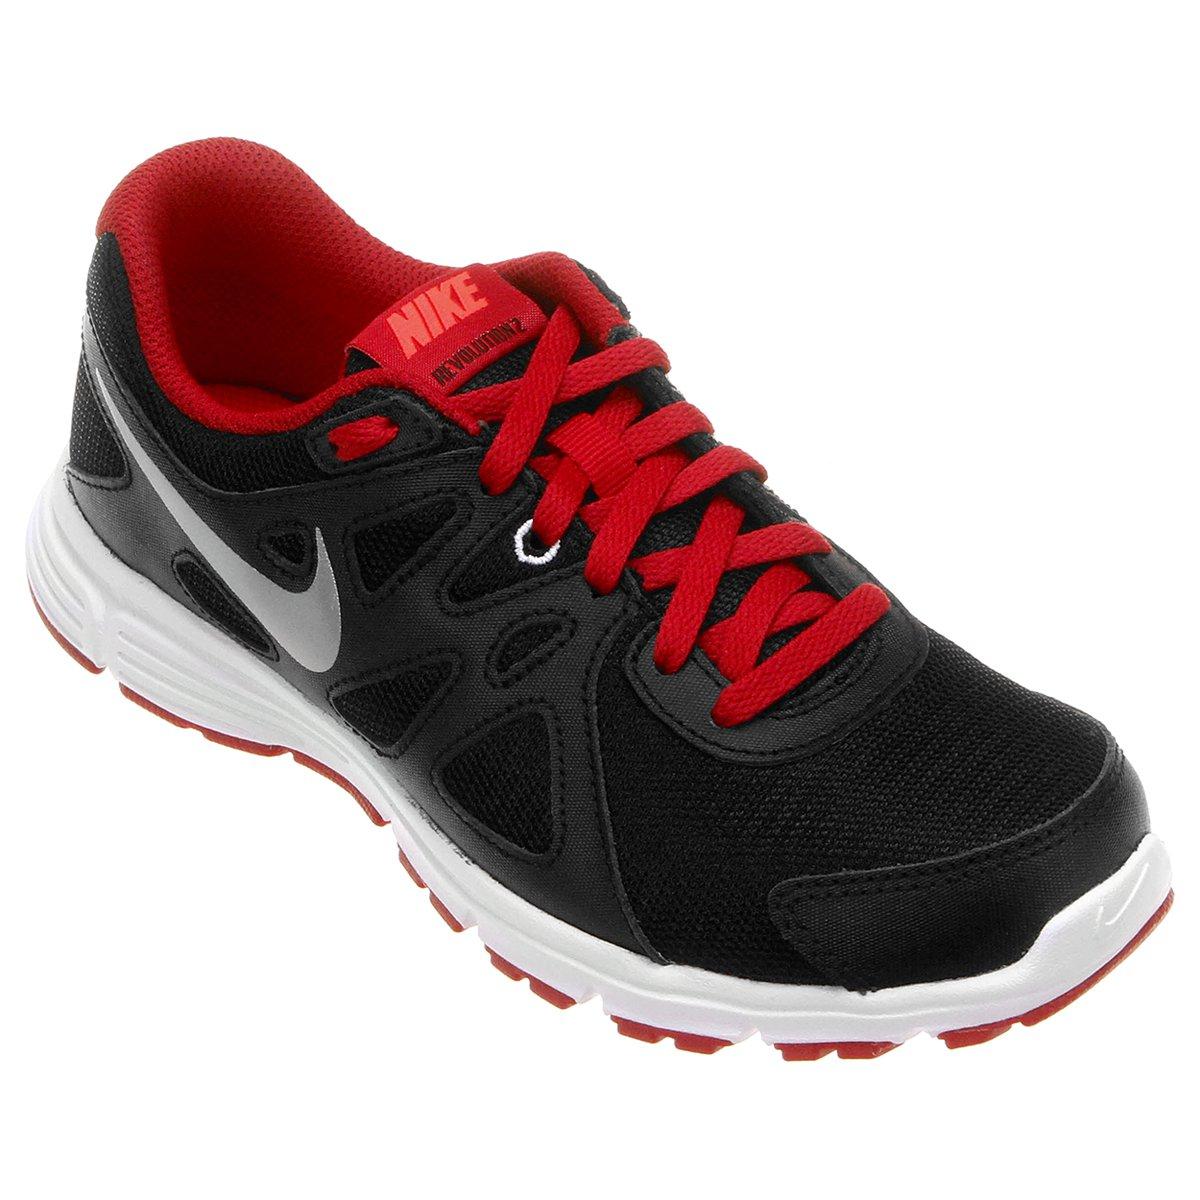 1a184b7c5ed Tênis Nike Revolution 2 GS Juvenil - Compre Agora